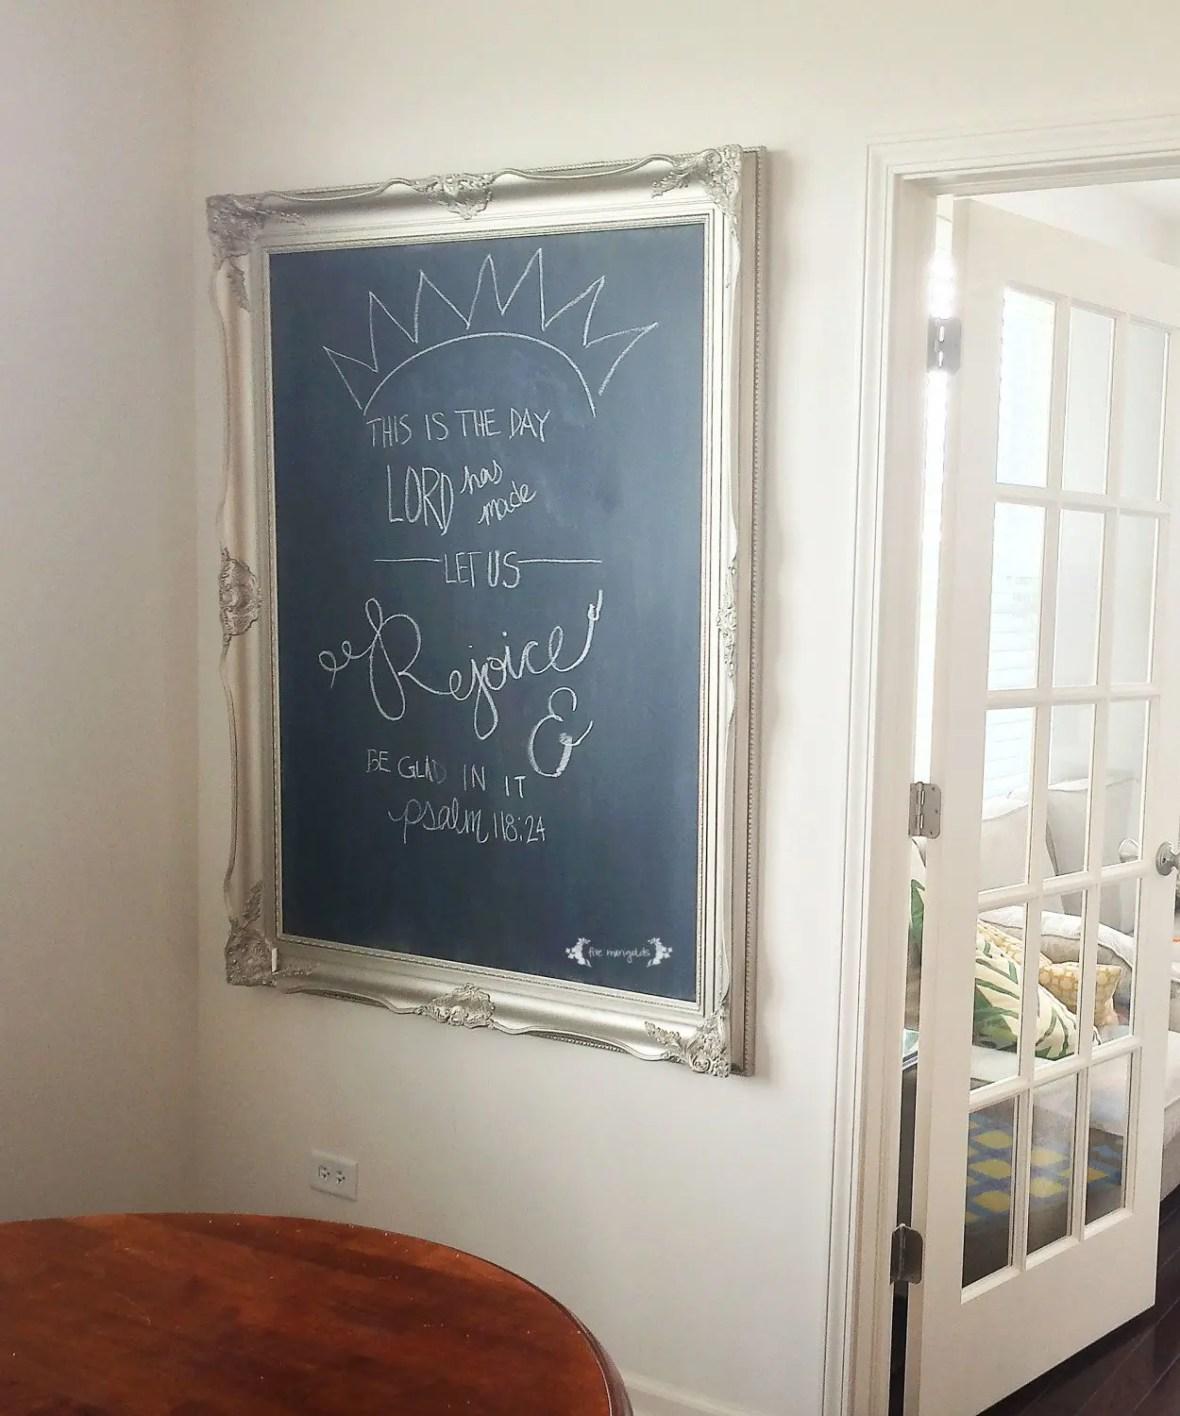 DIY Chalkboard Art using Rust-Oleum Chalkboard Paint | Five Marigolds